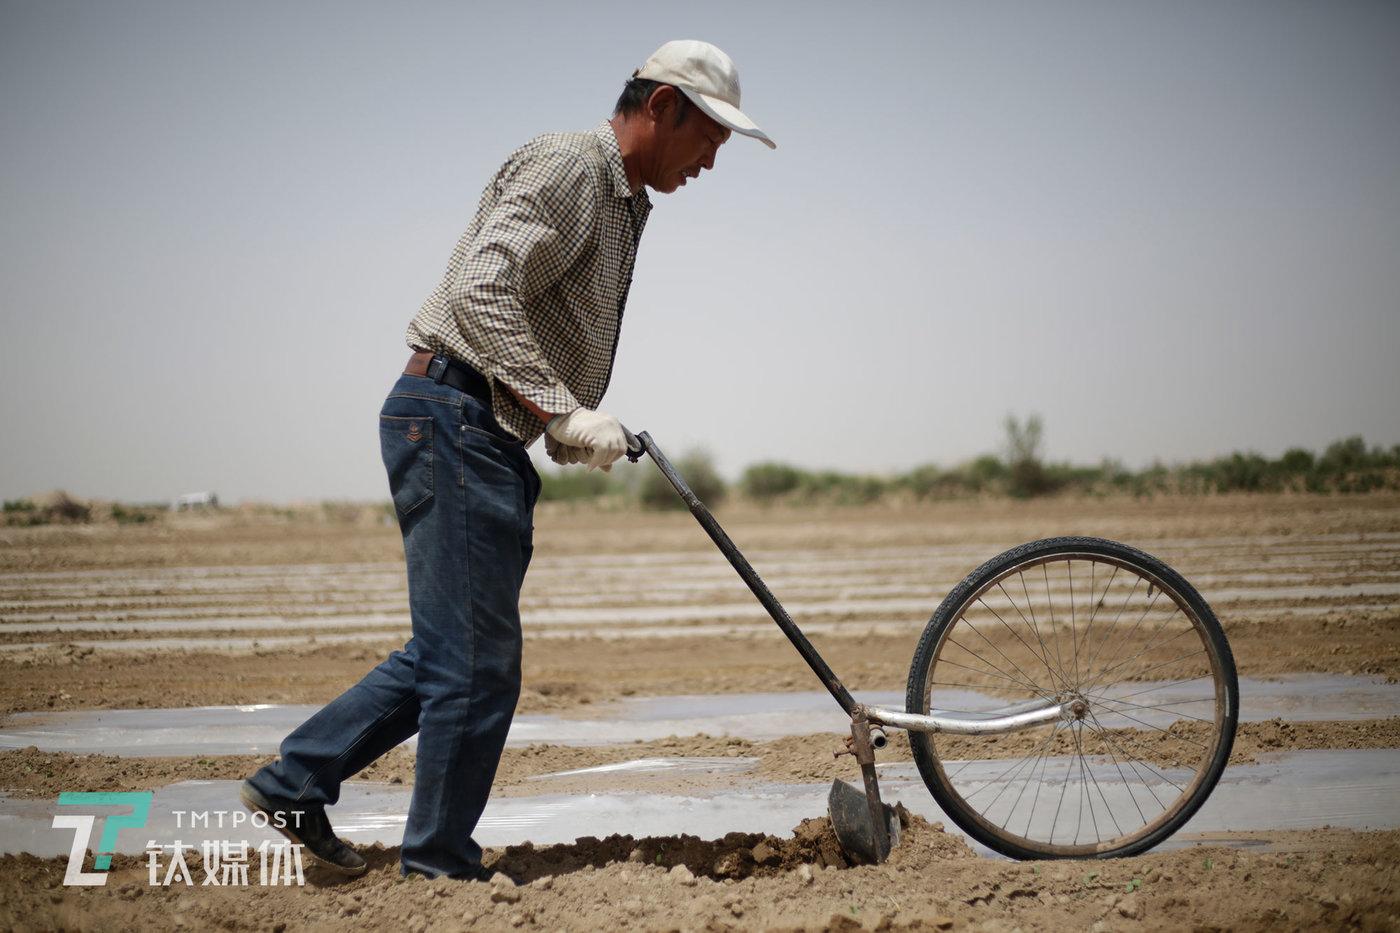 用来翻土盖膜的手推犁是由自行车部件焊接而成。